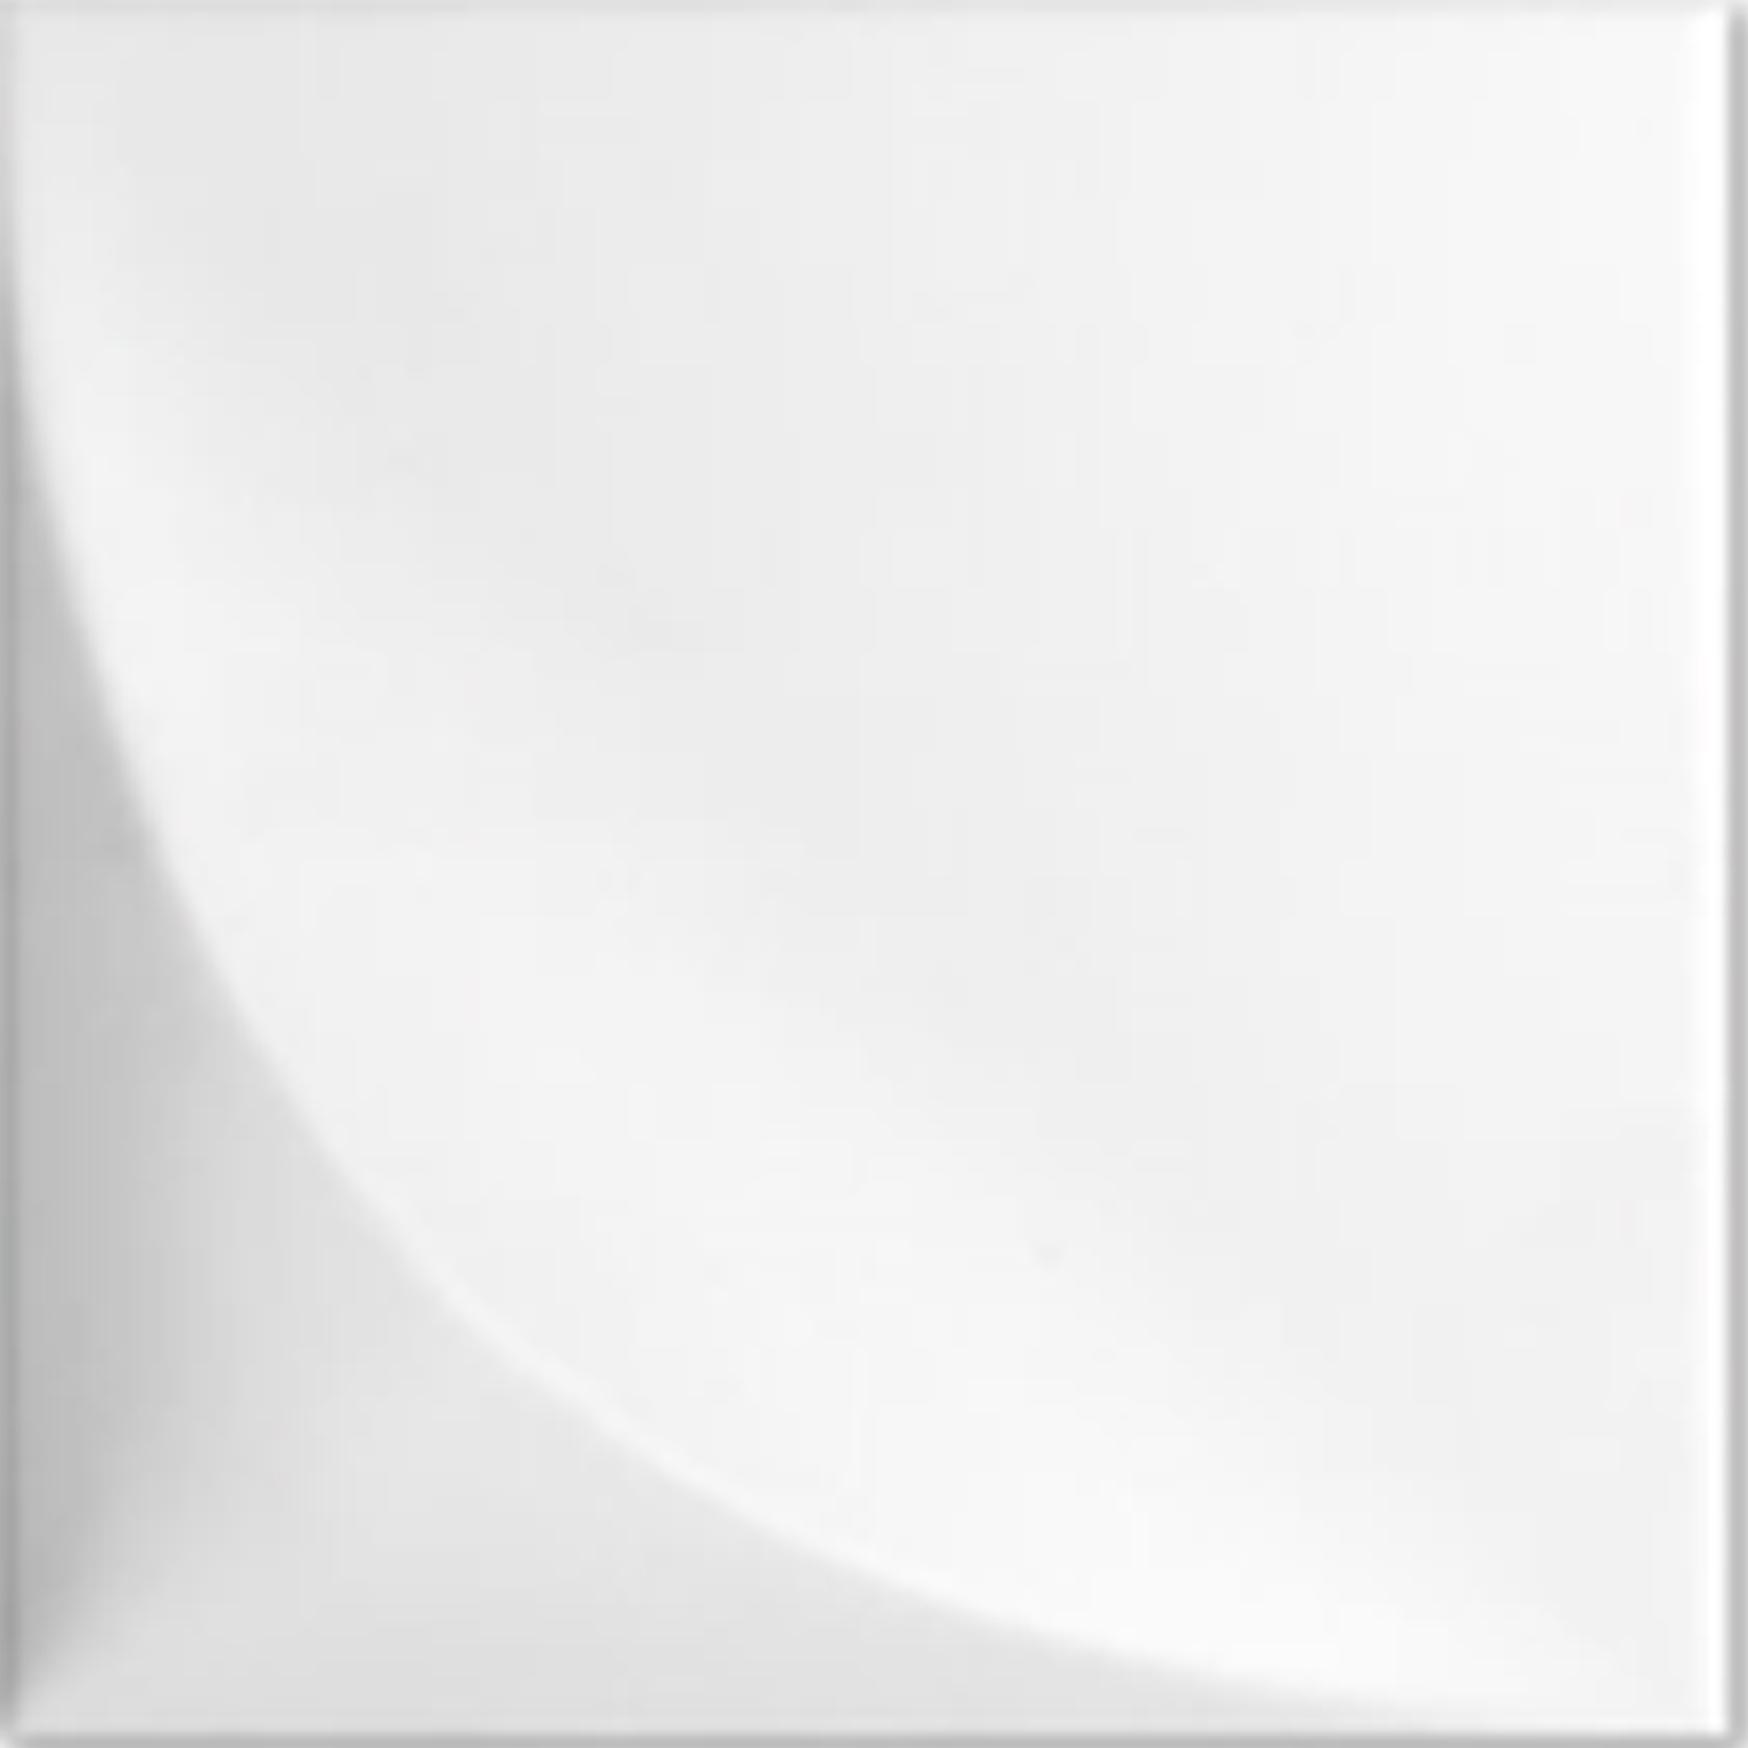 Quick Blanco 14.8x14.8 cm